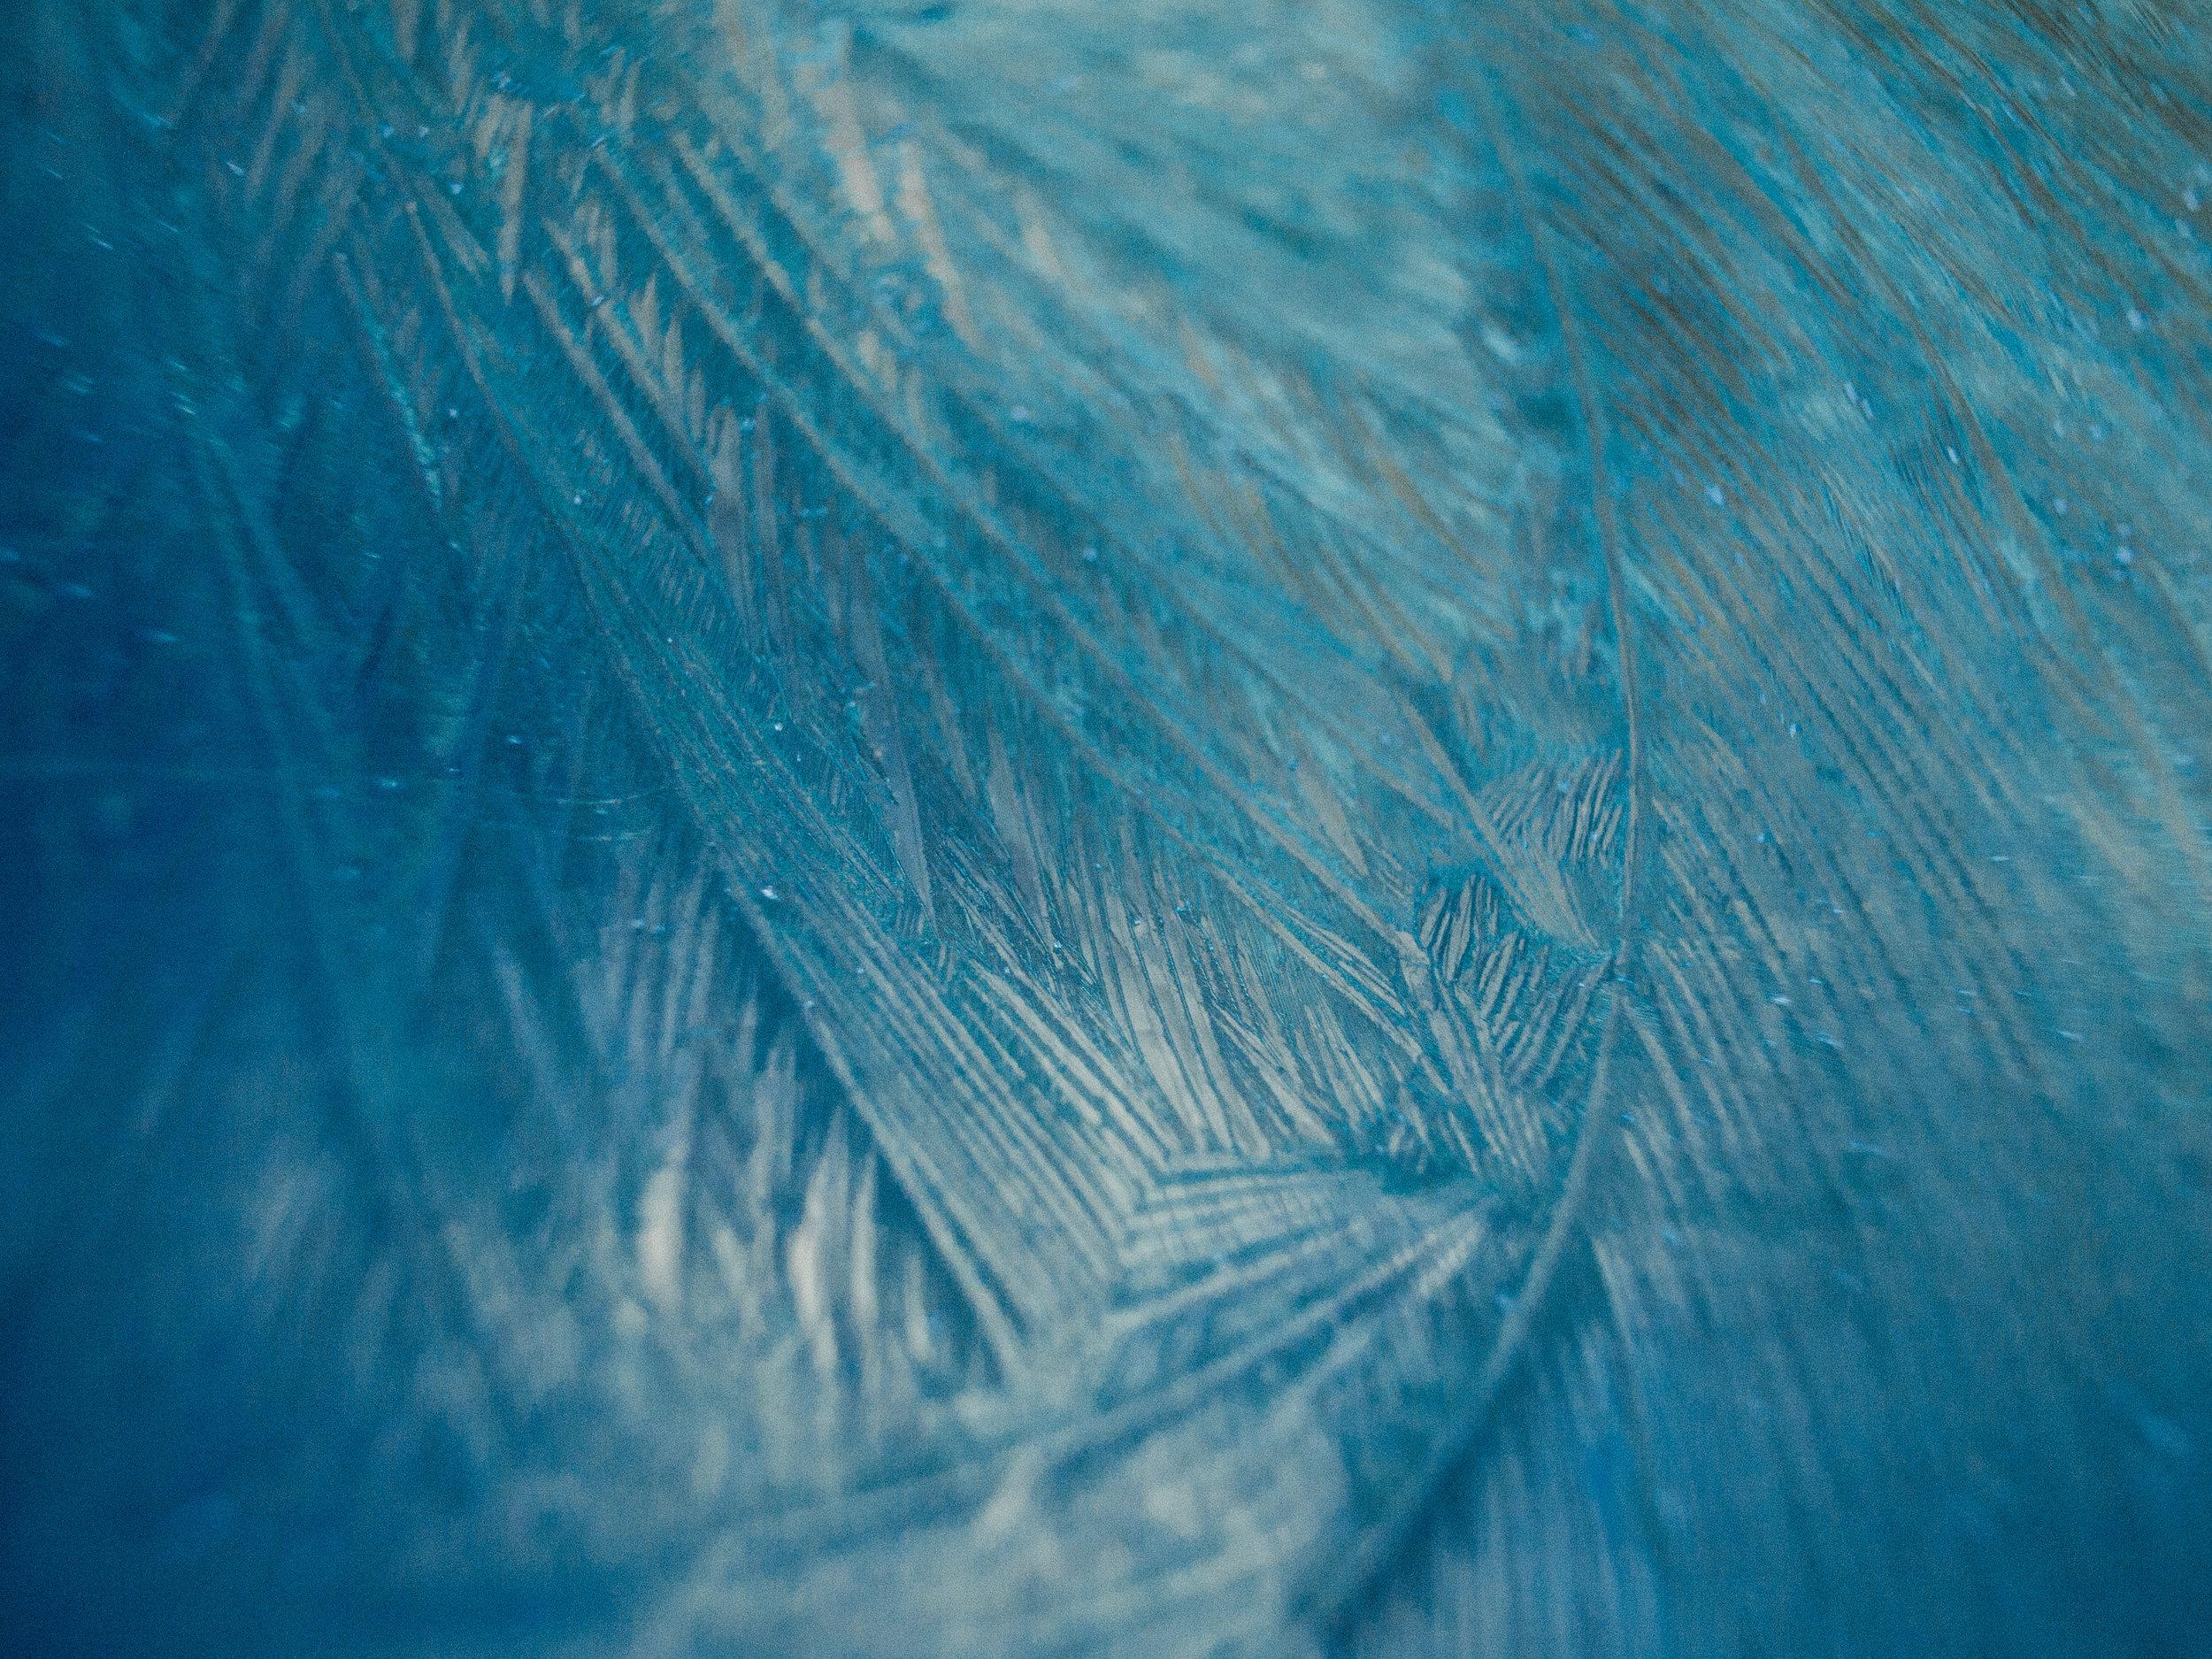 frost-18.jpg